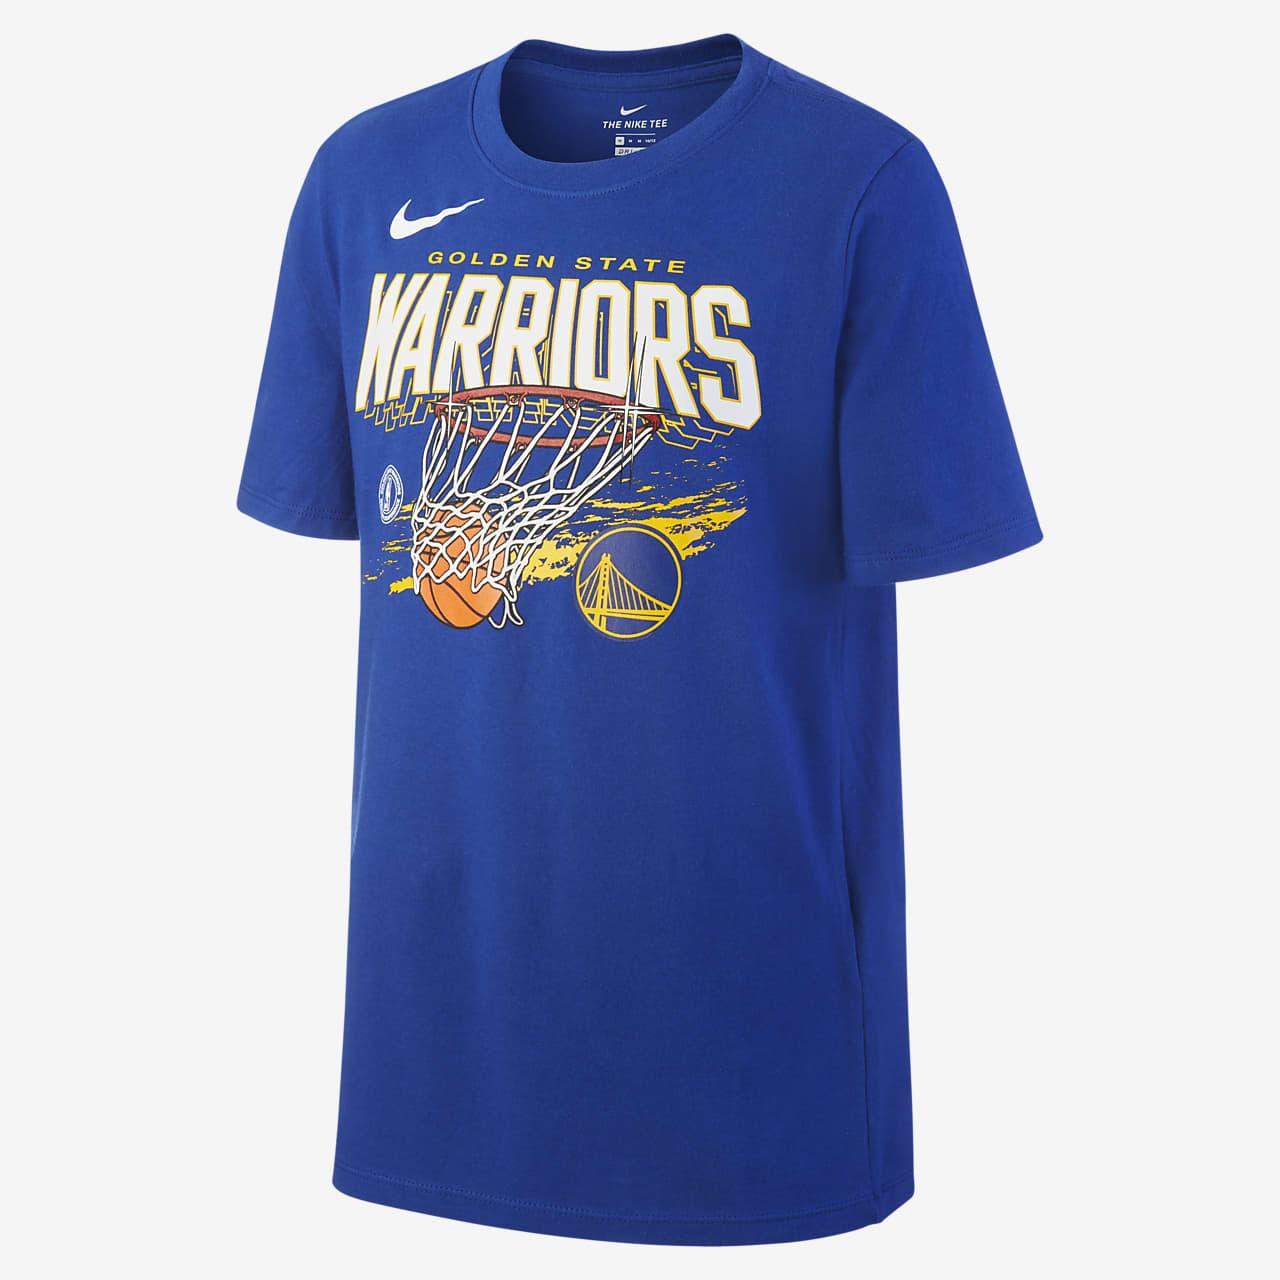 Tee shirt Nike Dri FIT NBA Golden State Warriors Team Mark pour Garçon